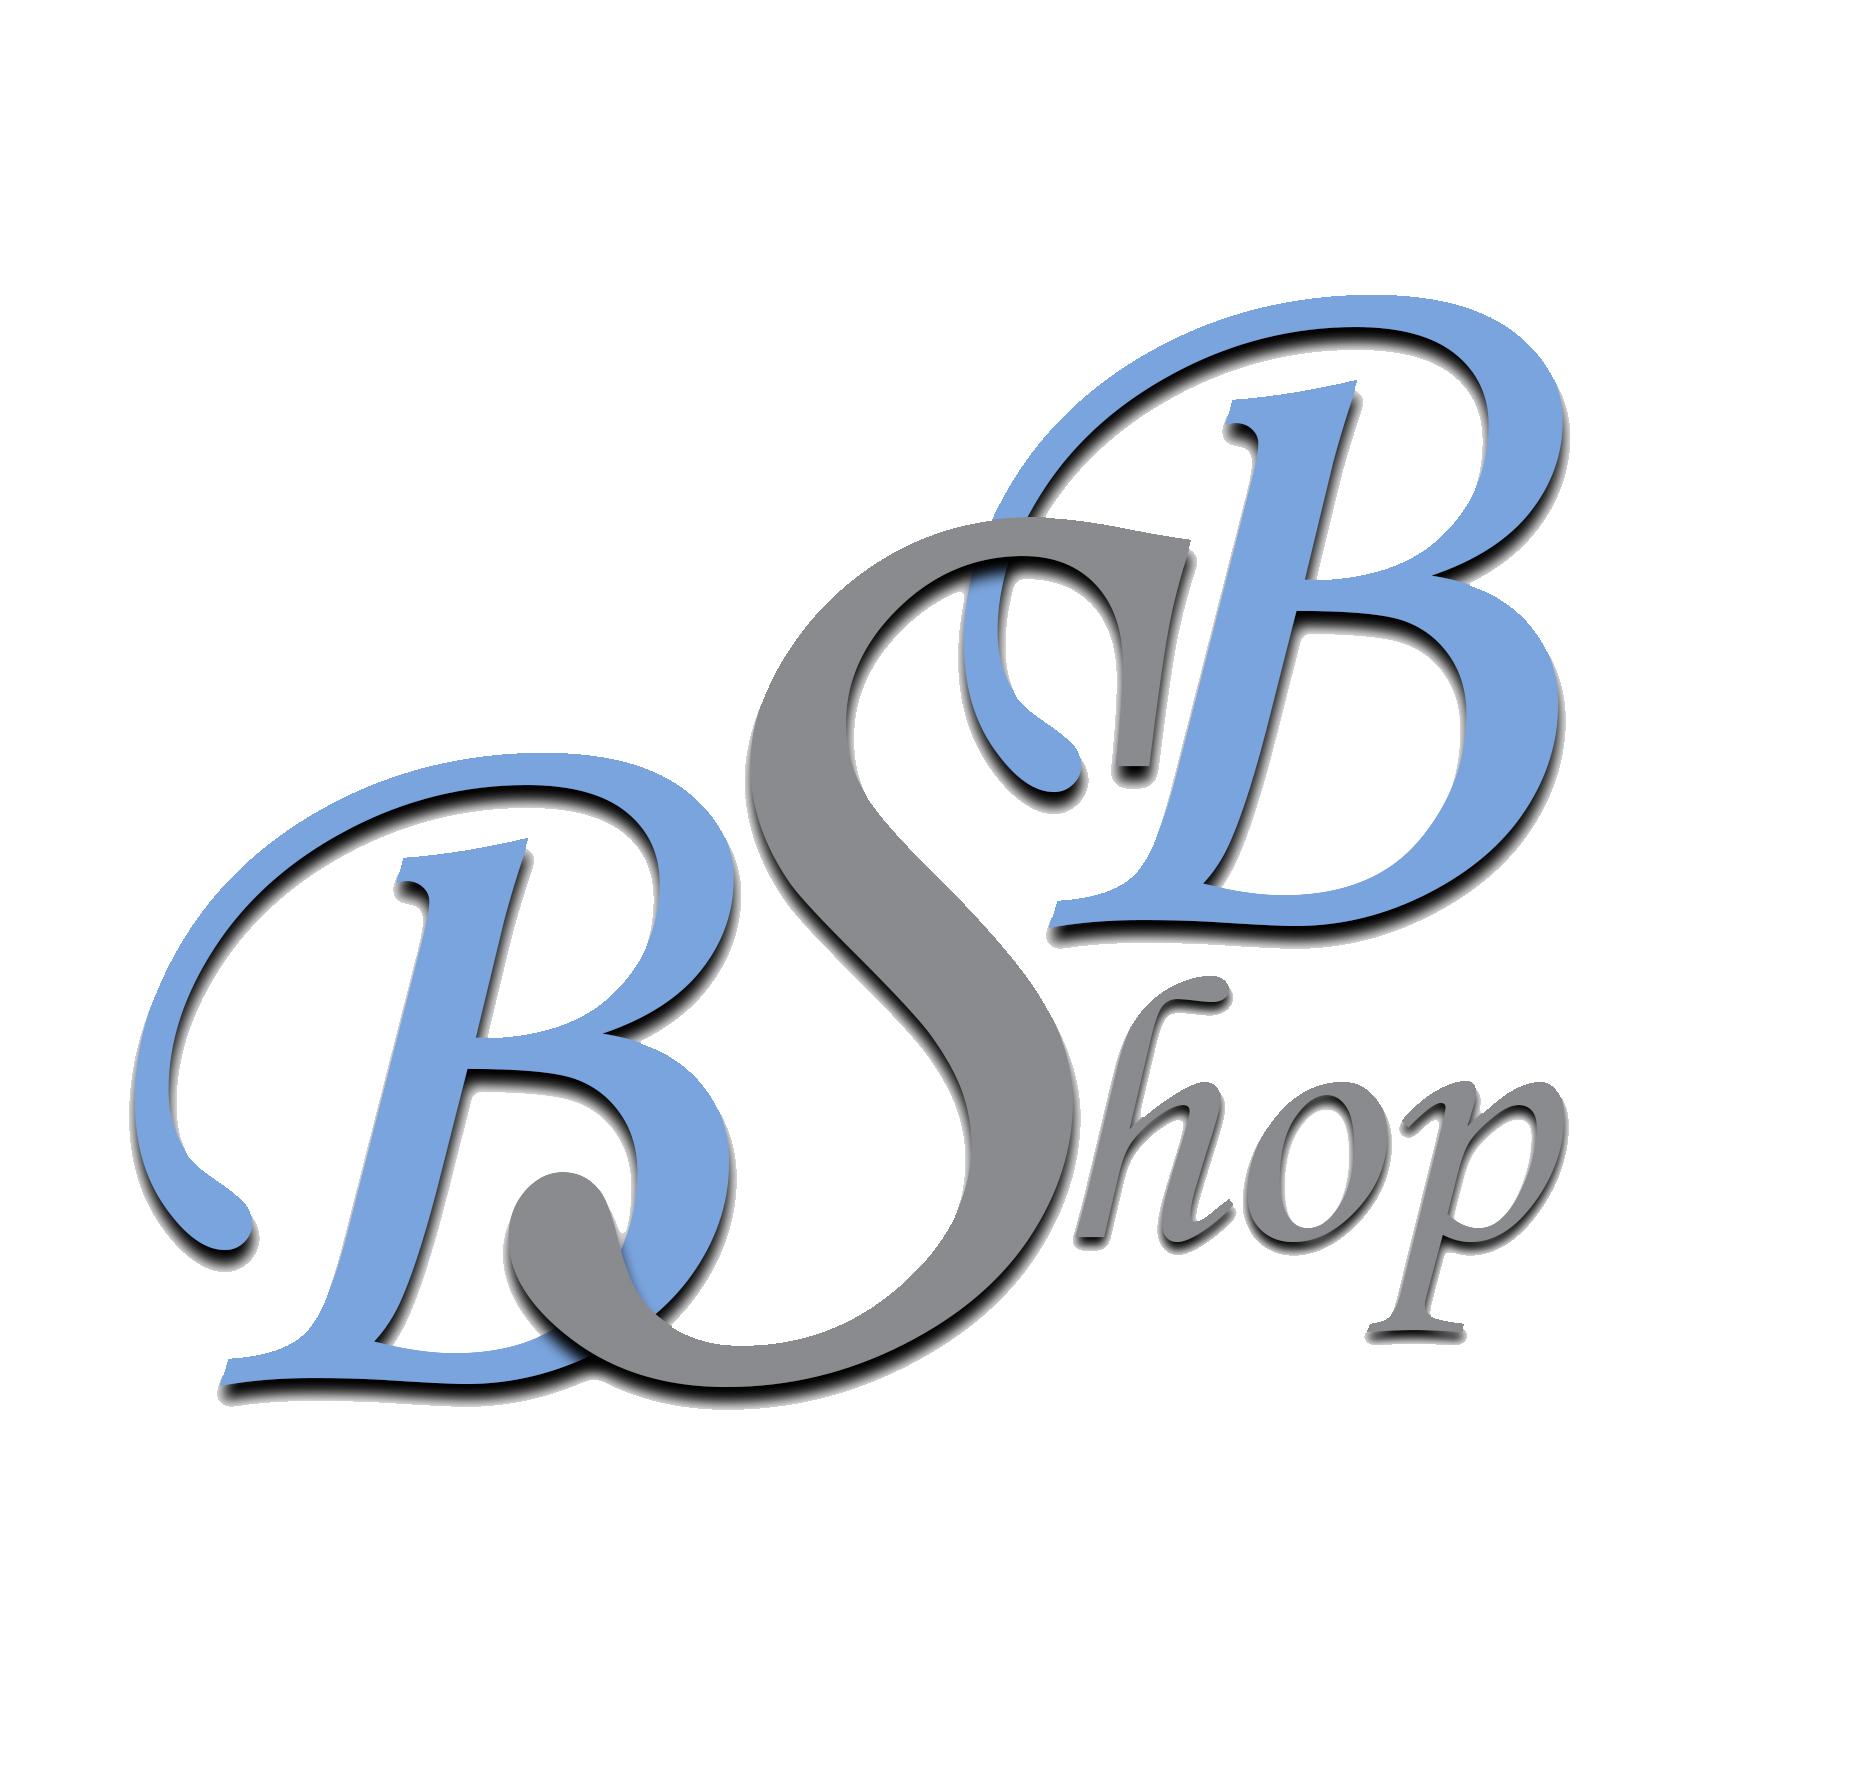 BSB Shop